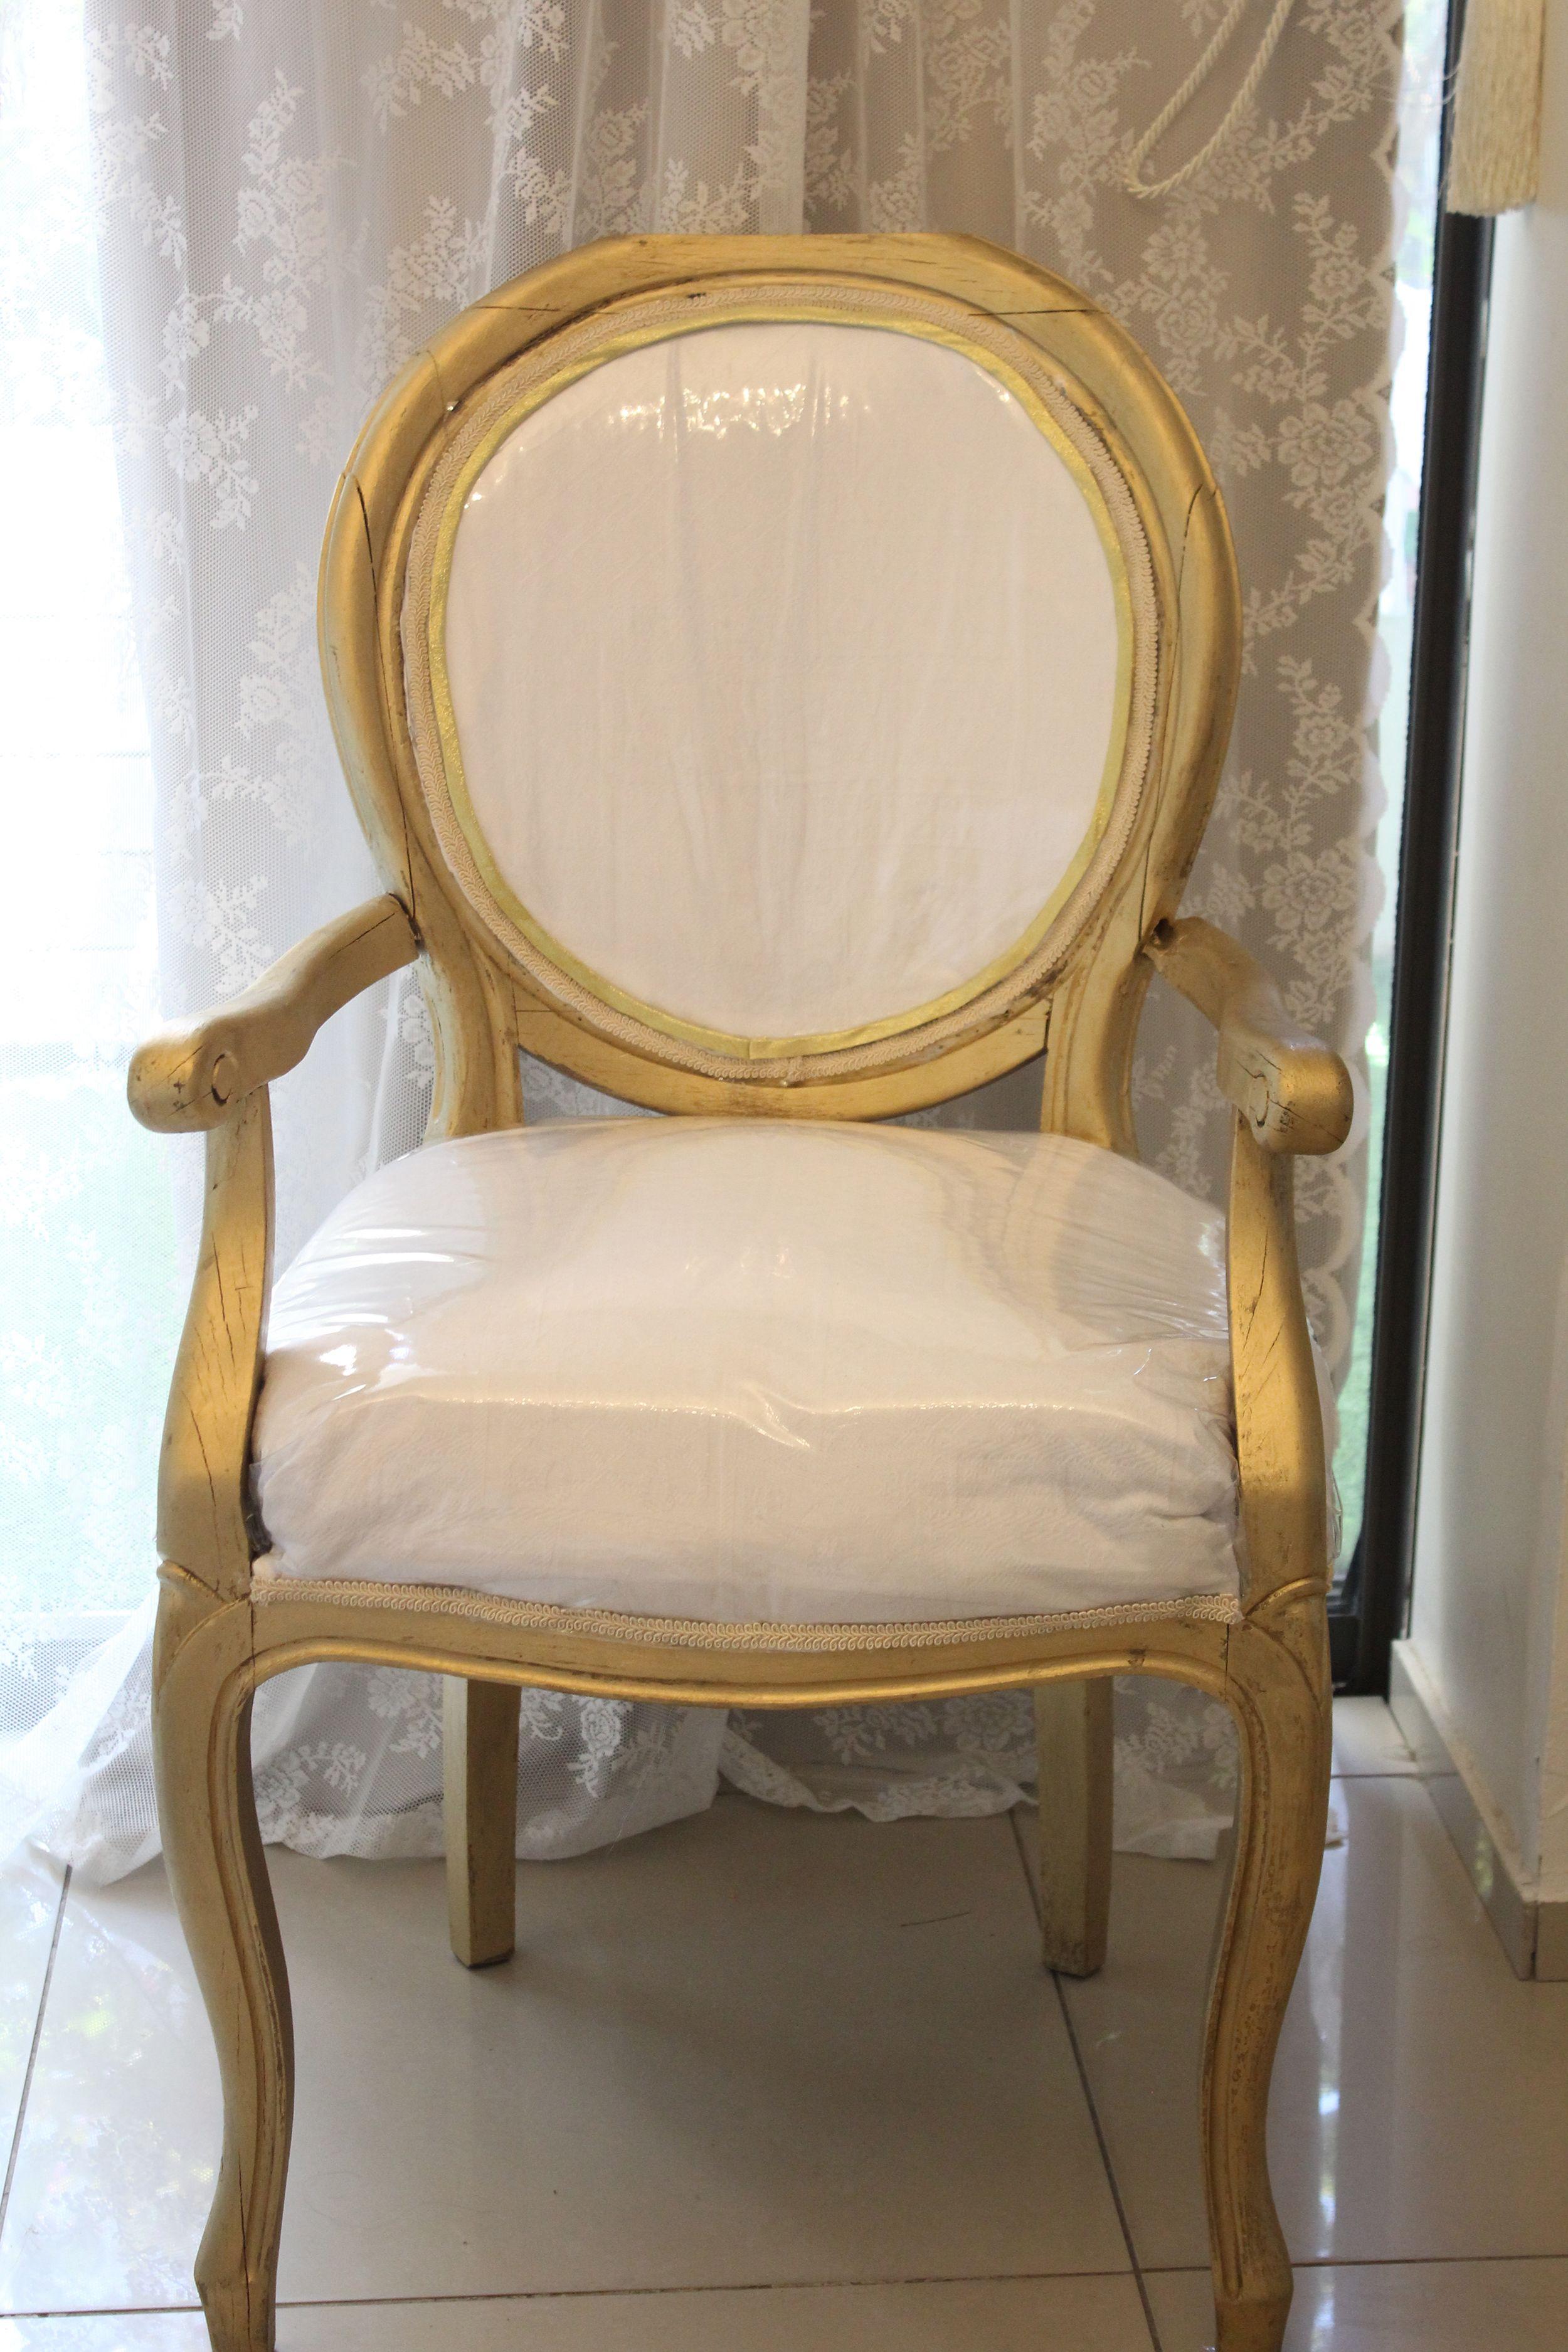 IMG 4209 - חידוש כסא עתיק